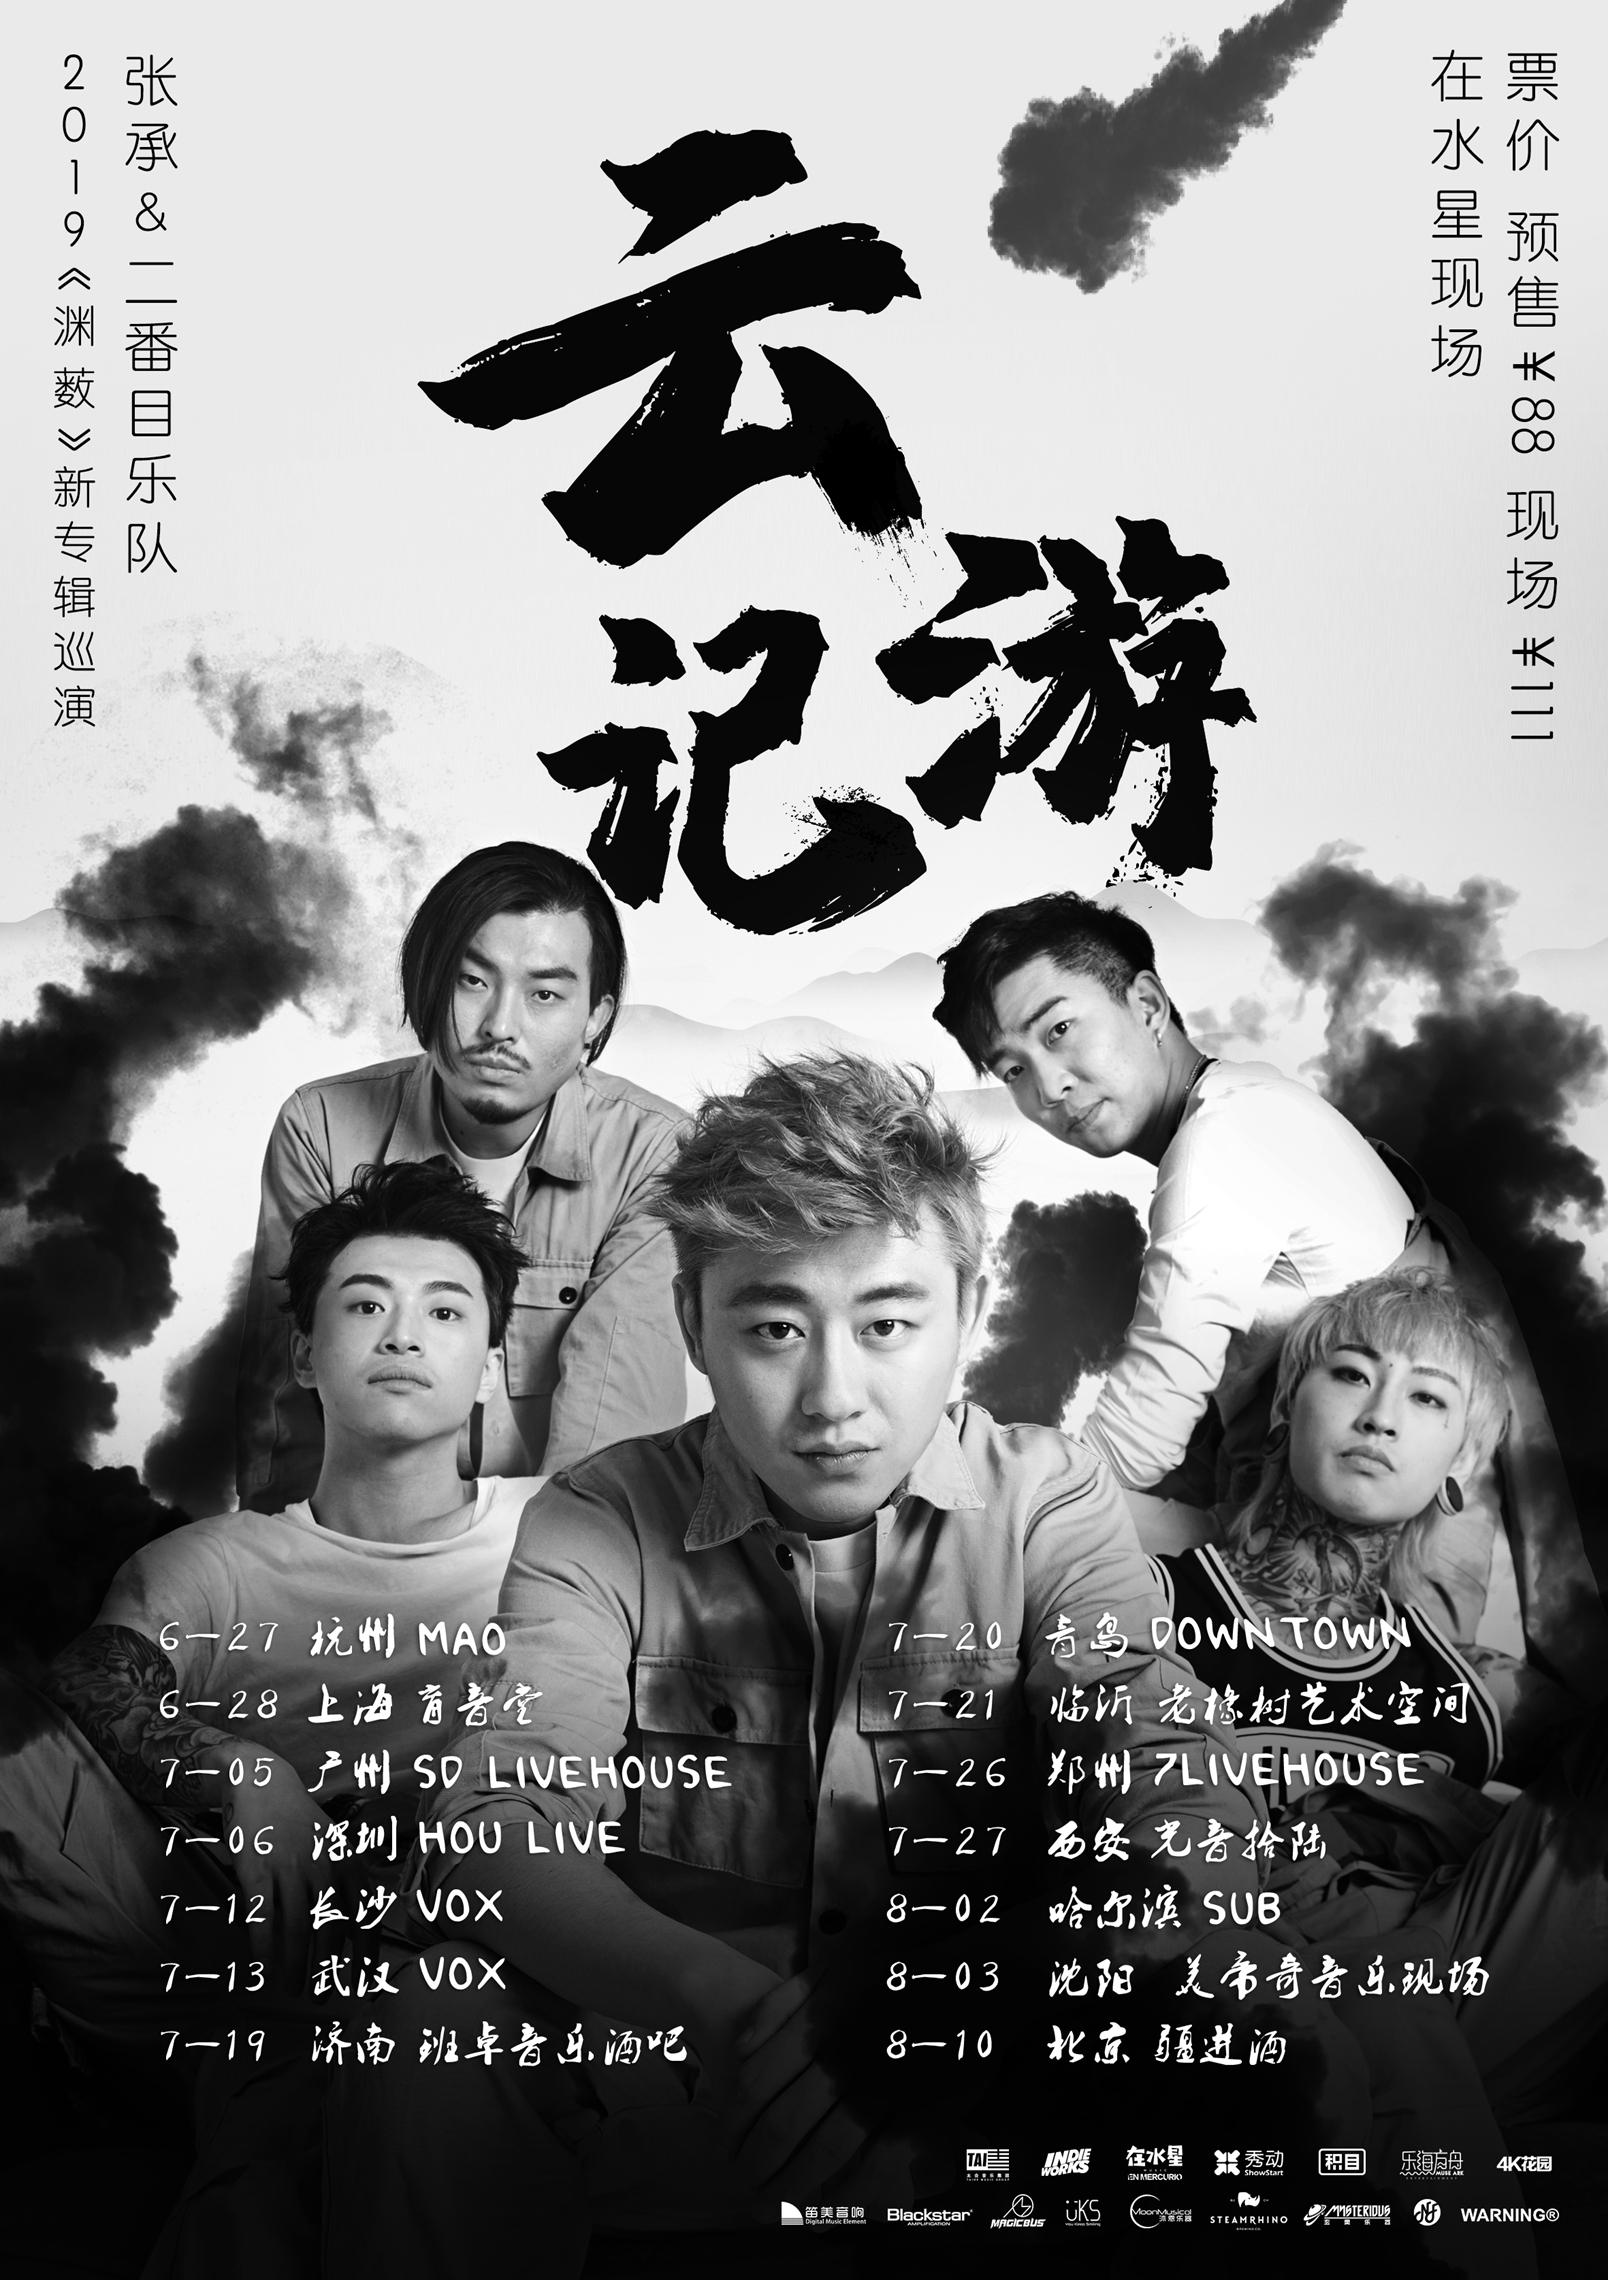 张承&二番目乐队巡演